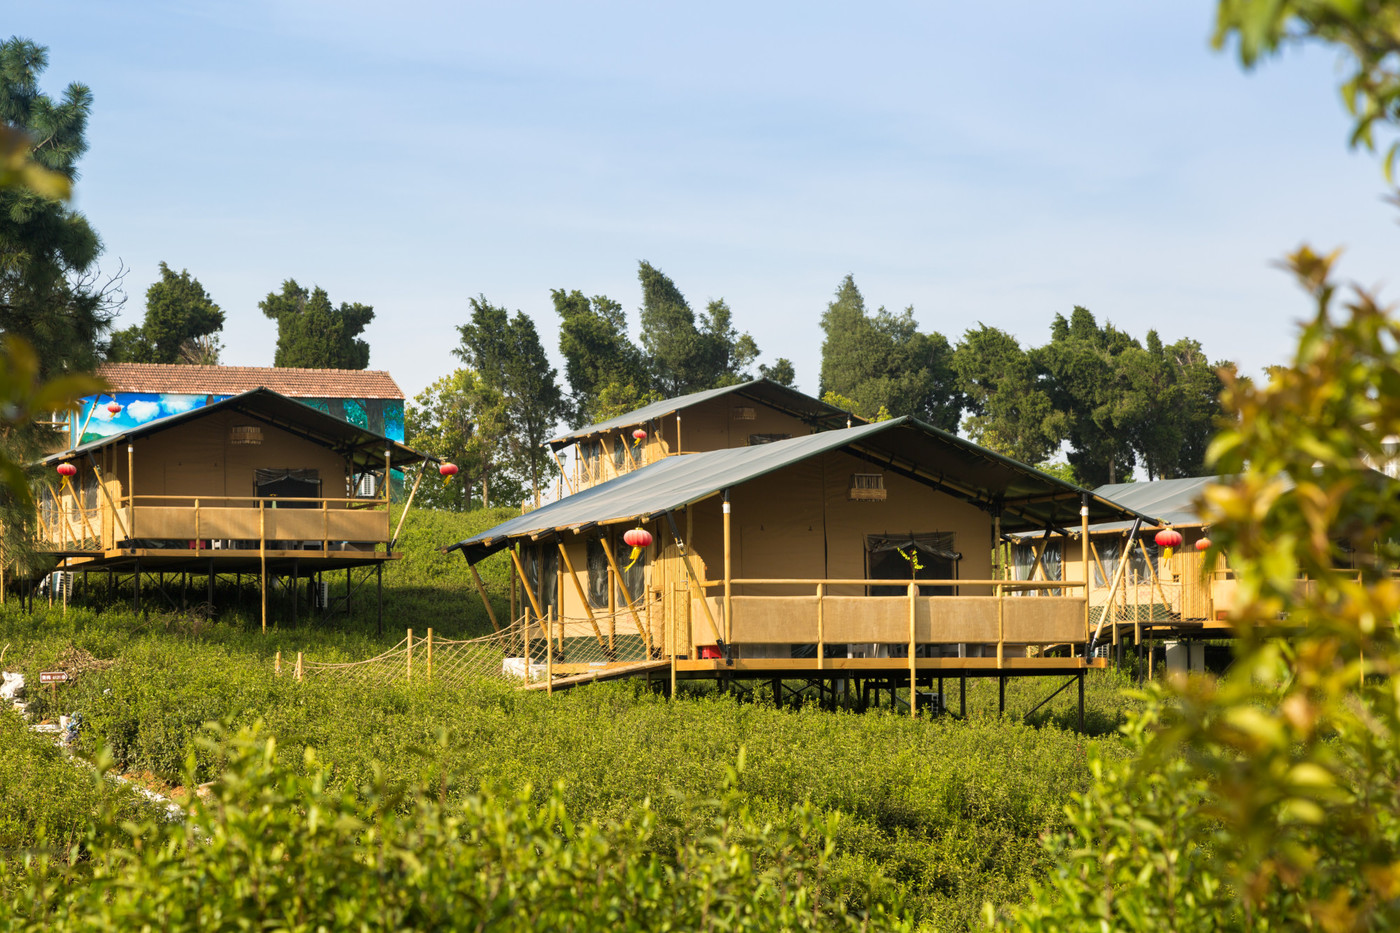 喜马拉雅野奢帐篷酒店—江苏常州茅山宝盛园2期茶田帐篷酒店2